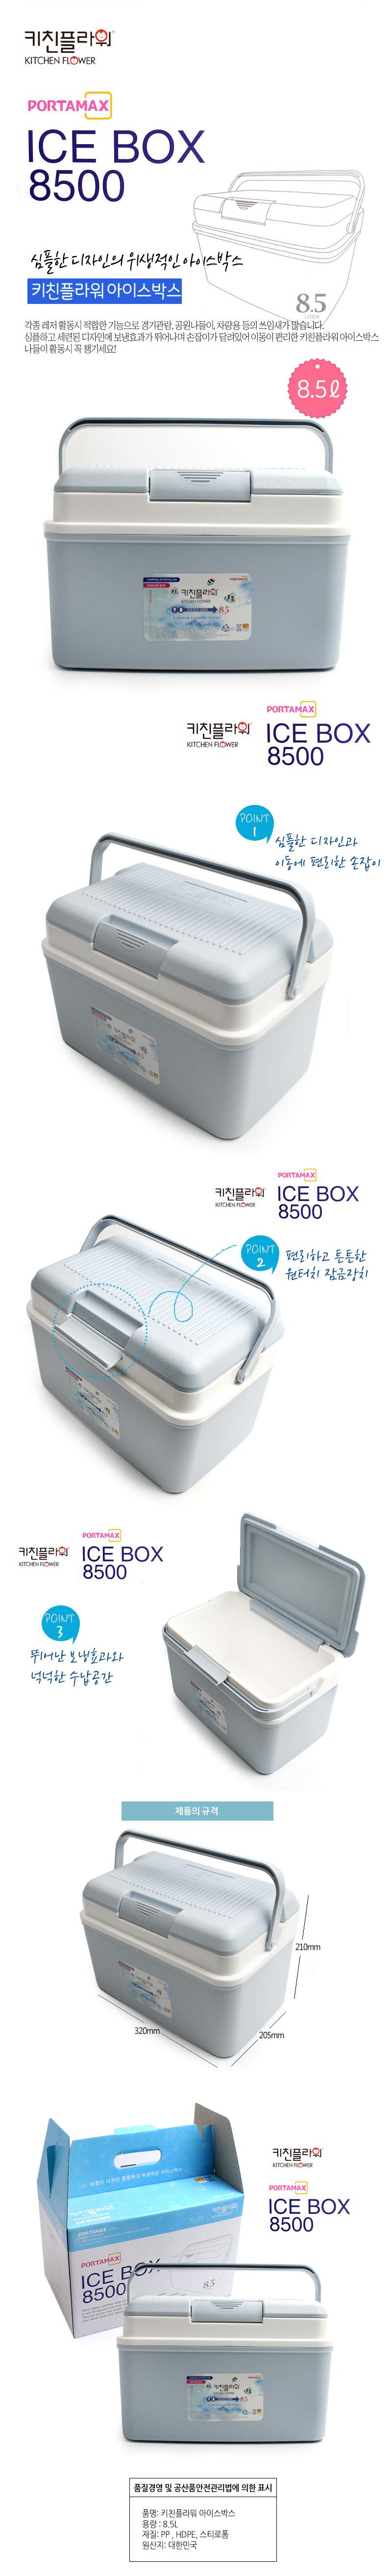 키친플라워 8.5L 미니아이스박스 MADE IN KOREA 포타맥스 아이스박스 아이스쿨러 쿨러 아이스팩 아이스 쿨러박스